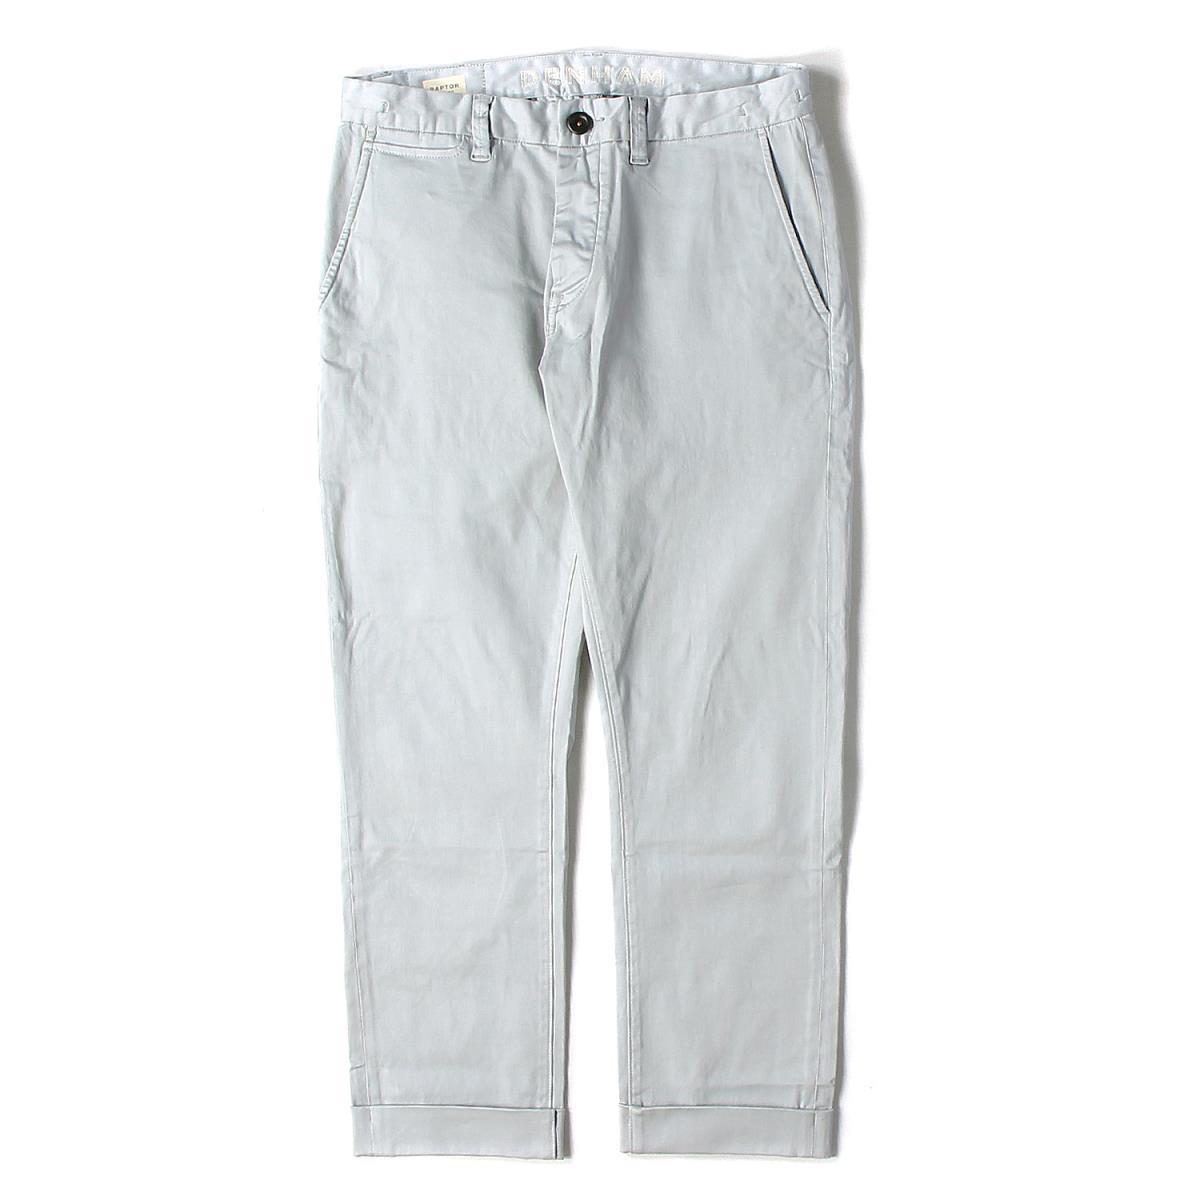 メンズファッション, ズボン・パンツ DENHAM () (RAPTOR SLIM FIT) 2932 K2667